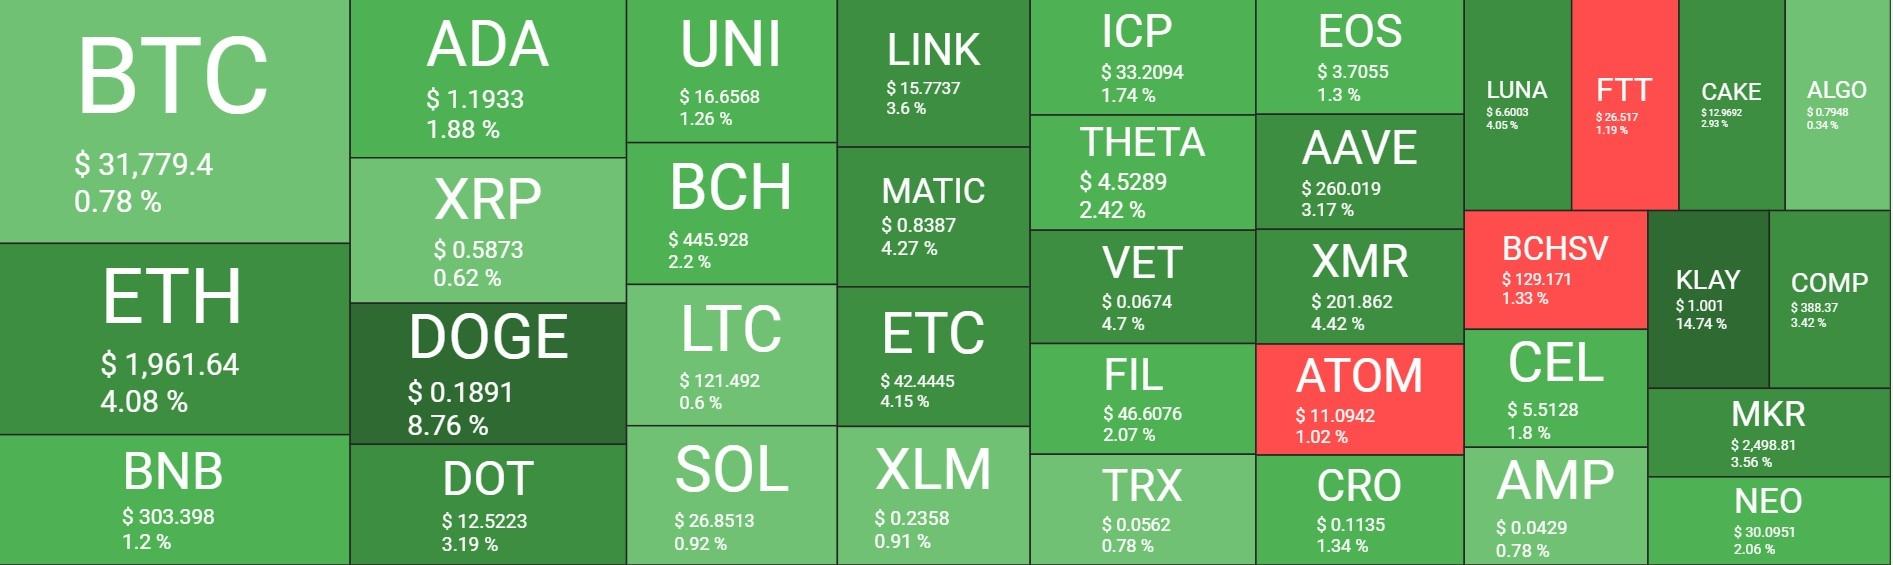 بازار 27 - نگاهی کلی به وضعیت امروز بازار رمزارزها (27 تیر)